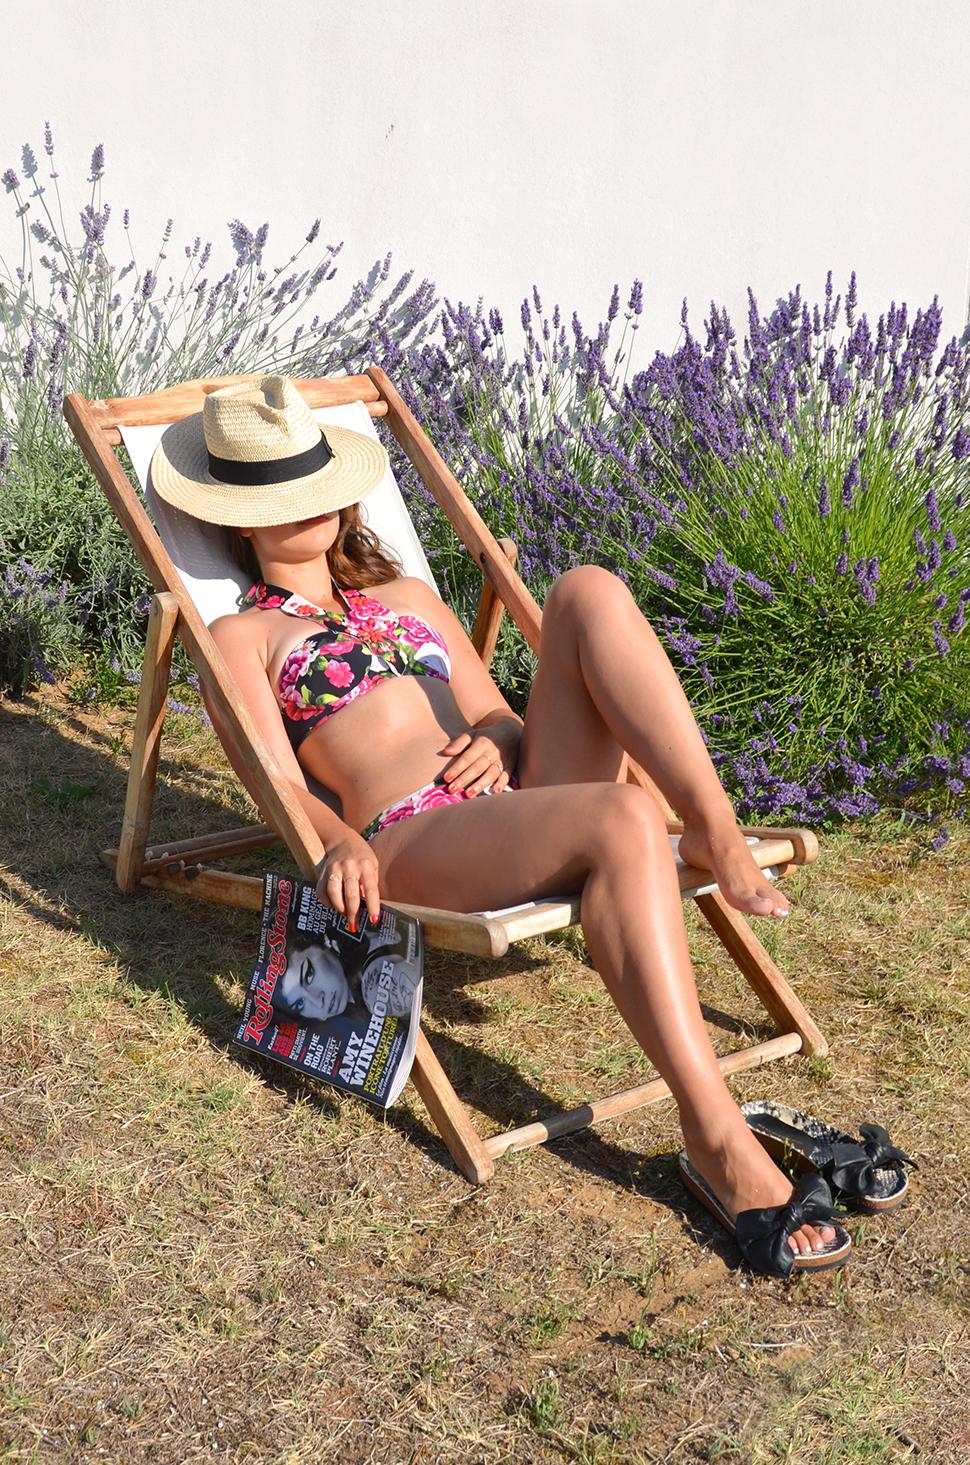 Helloitsvalentine_iledere_vacances_34